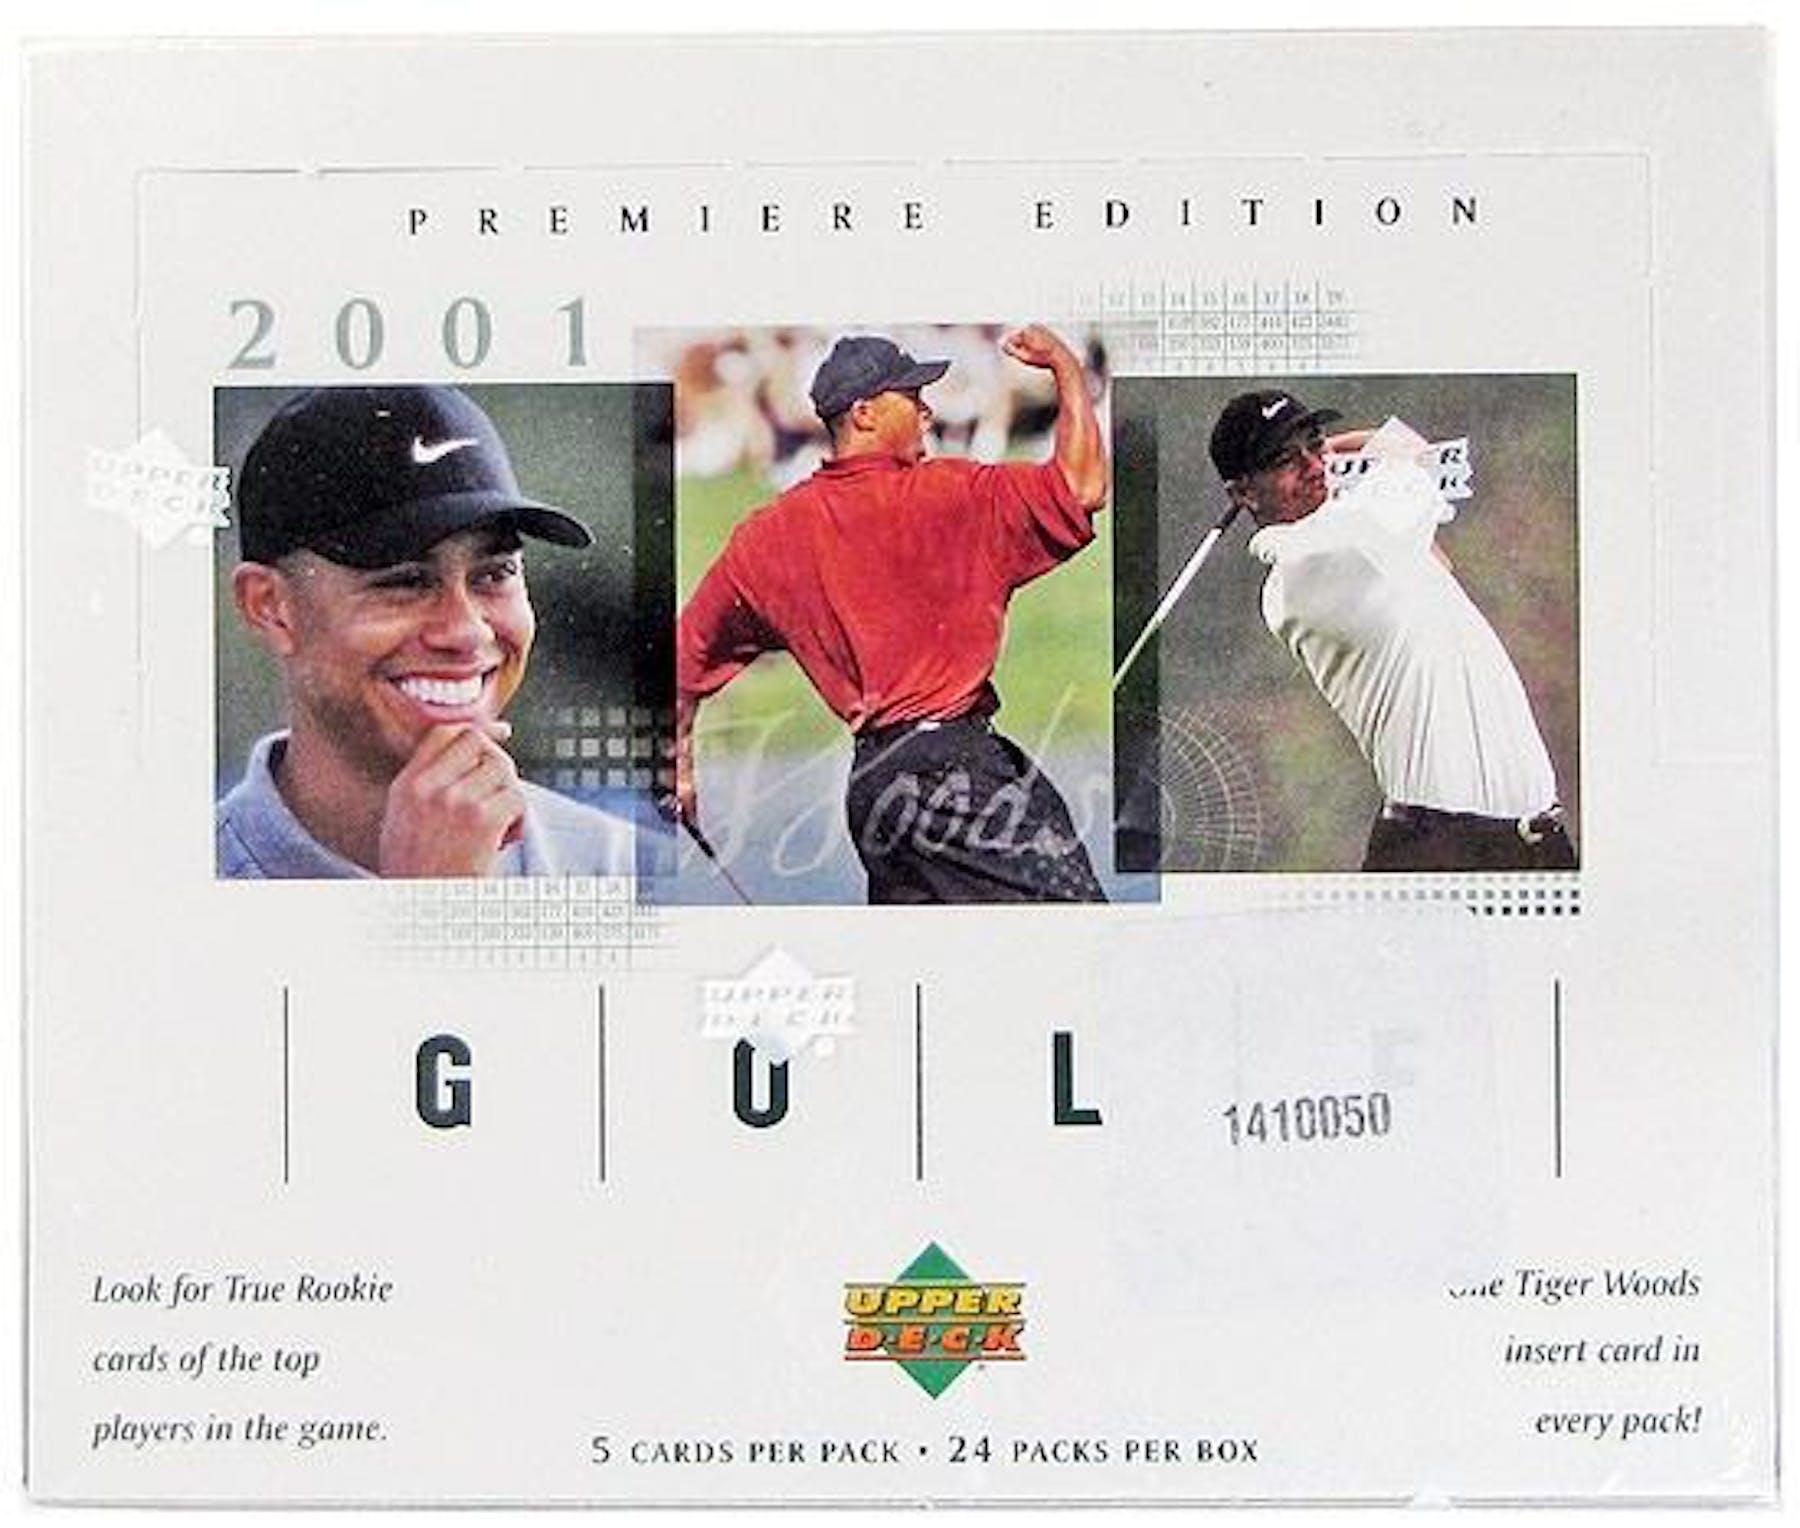 2001 Upper Deck Golf Hobby Box Da Card World